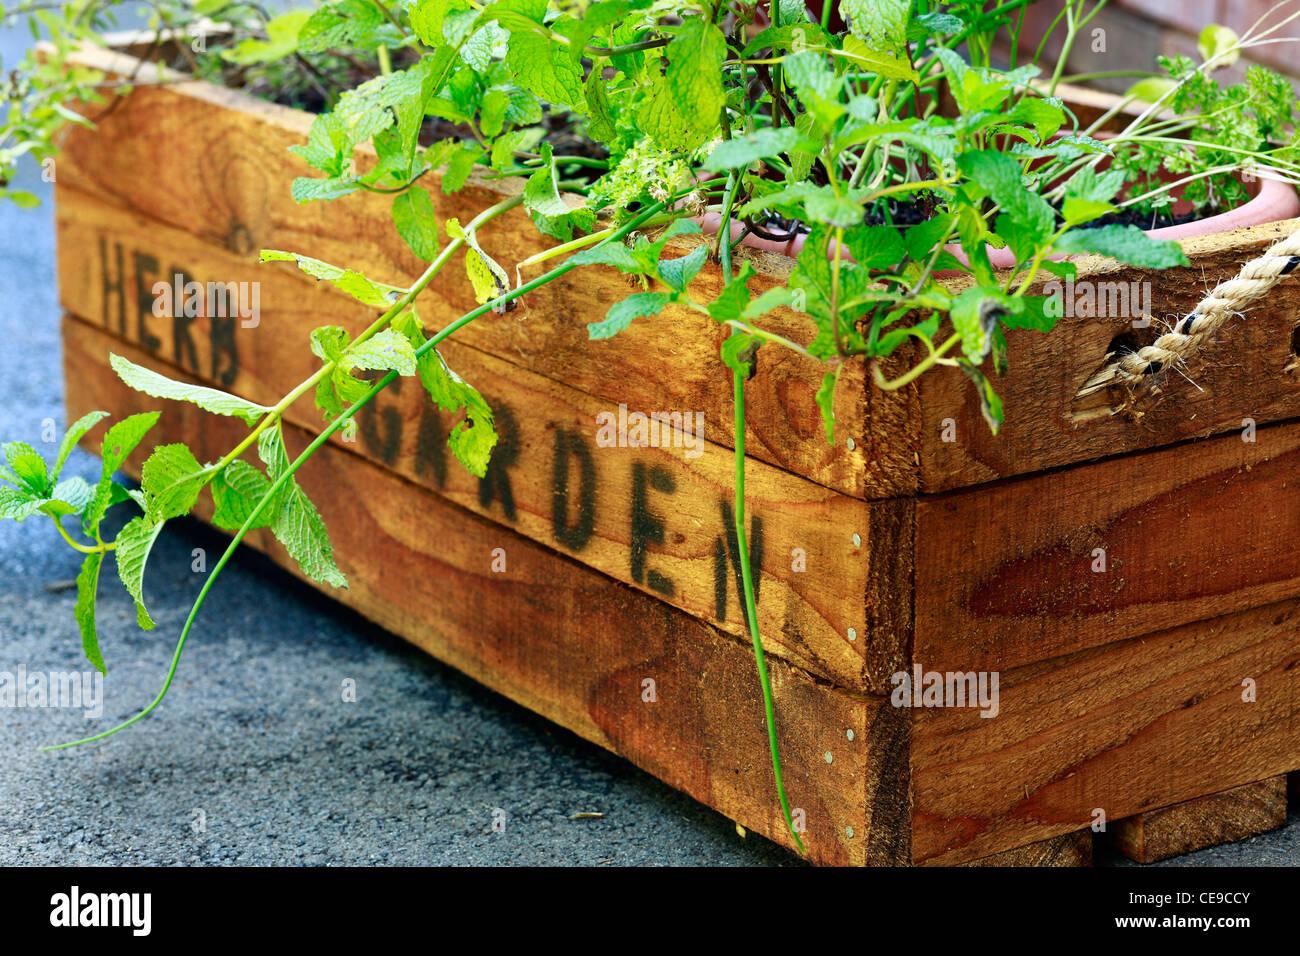 Kräutergarten. Rustikale Holzkiste für Topfpflanzen Kräuter. Stockbild